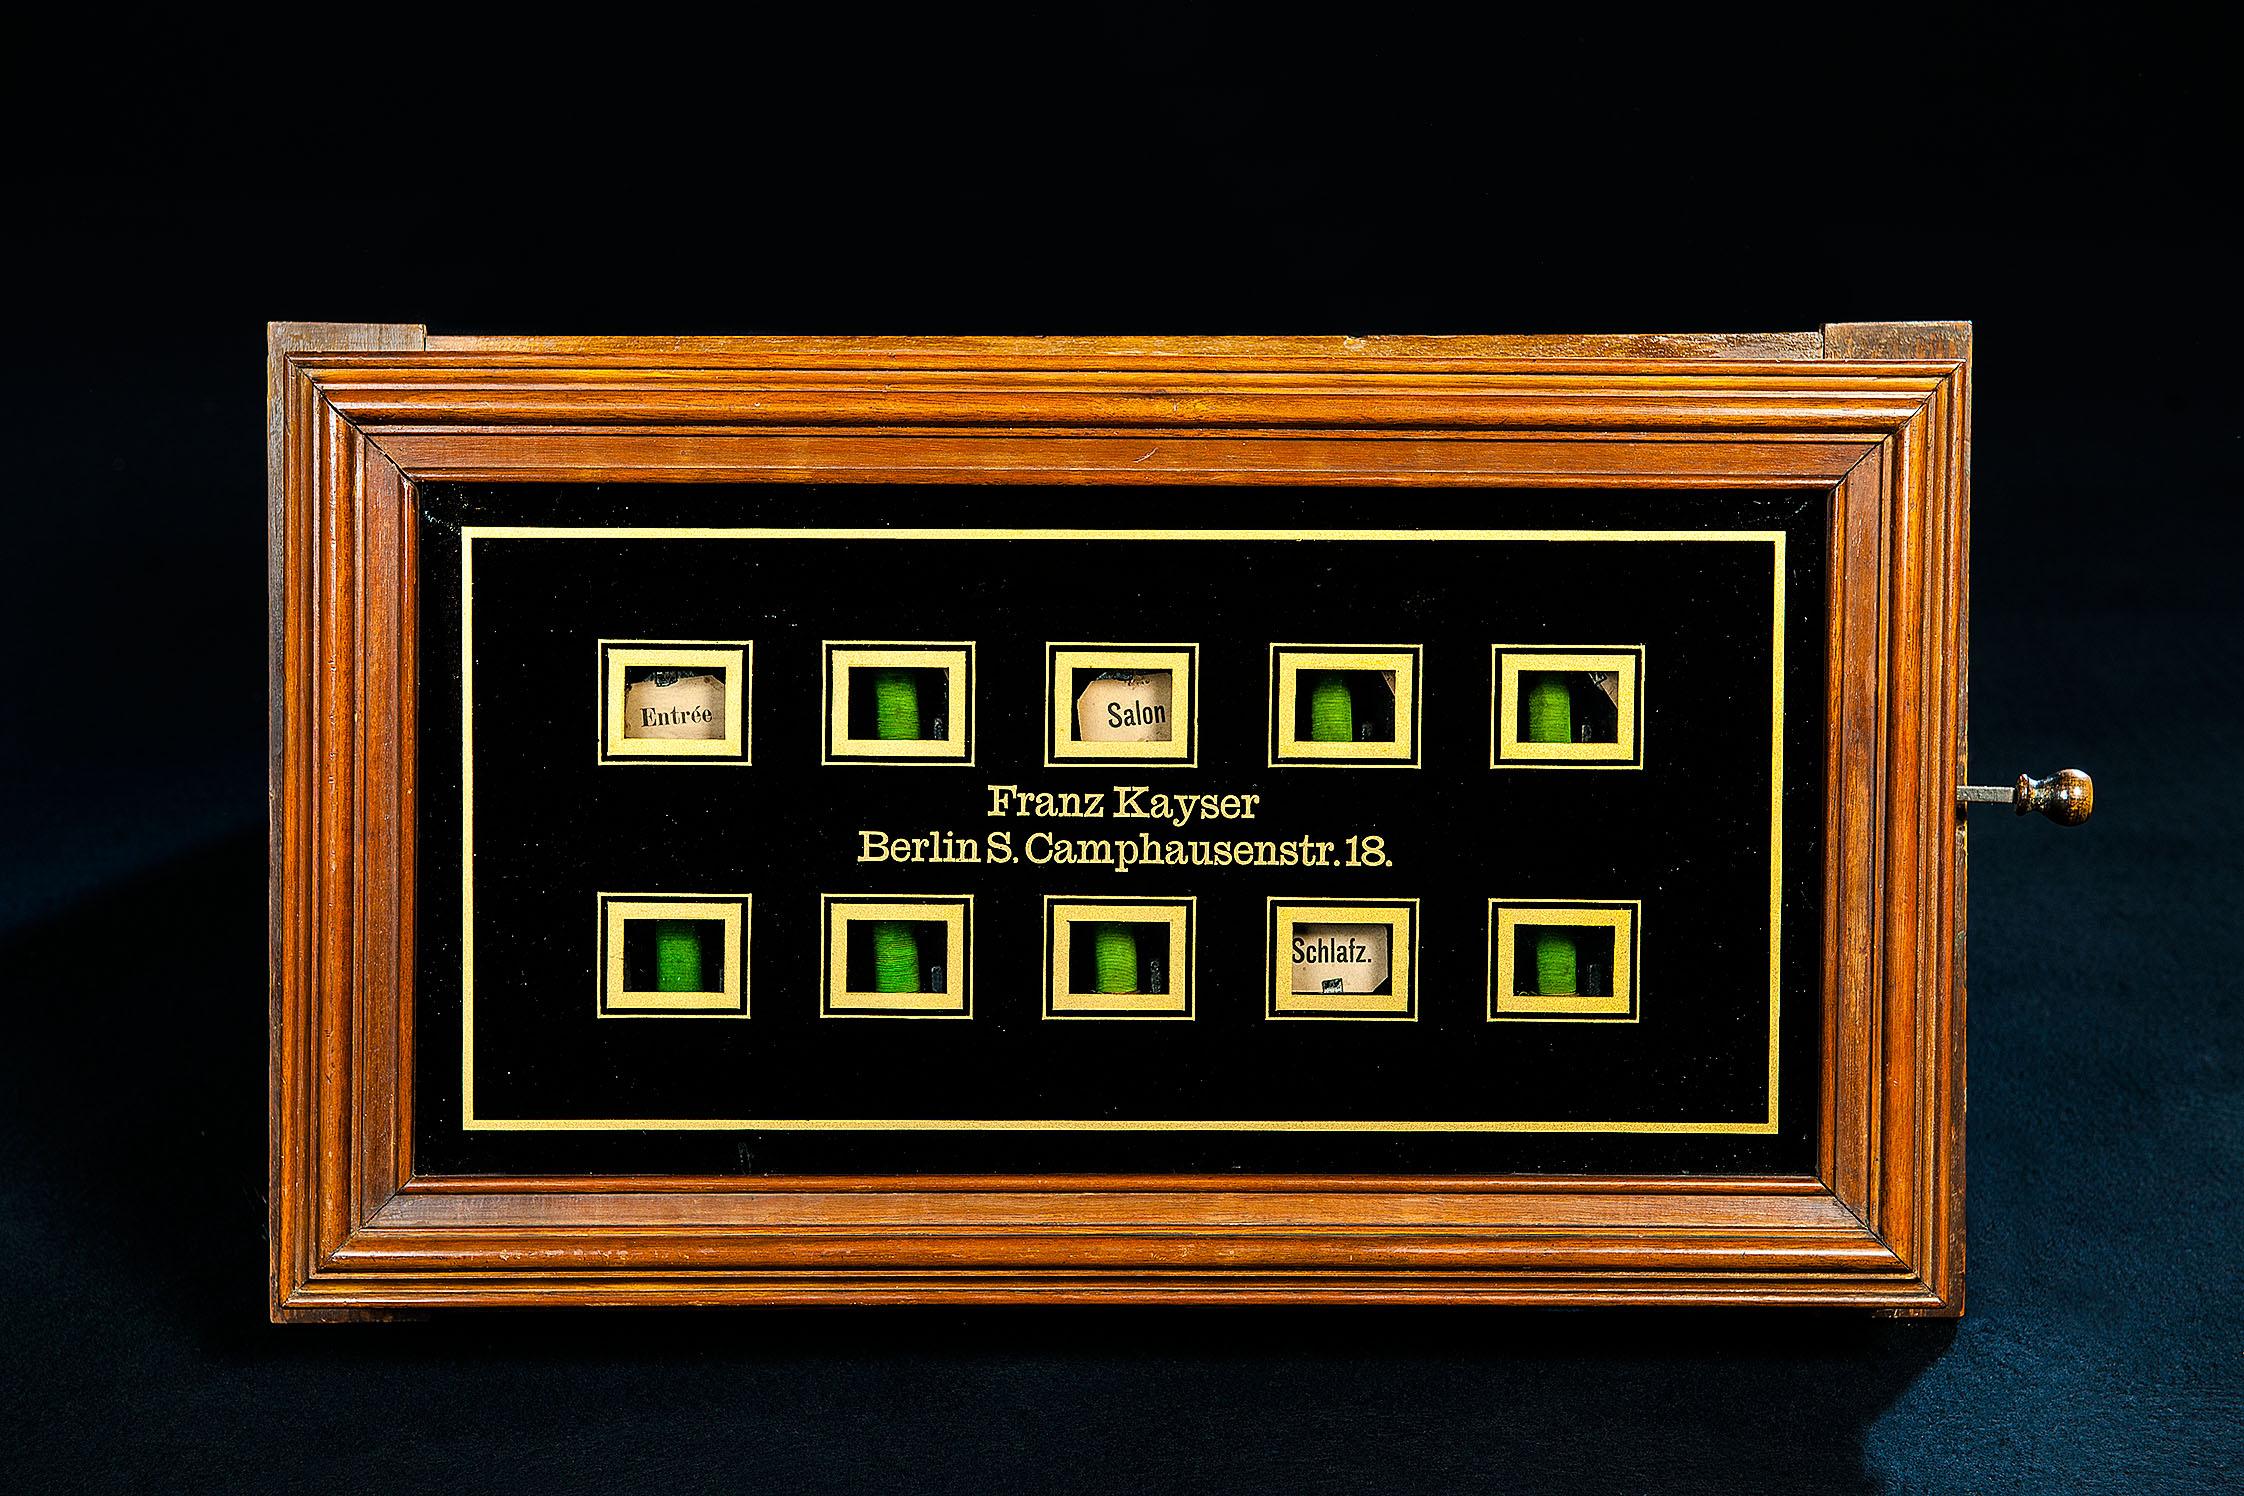 Fallklappentableau für die Haustelegrafie, um 1900, das bald in der Ausstellung zu sehen sein wird. Foto: SDTB / Kirchner